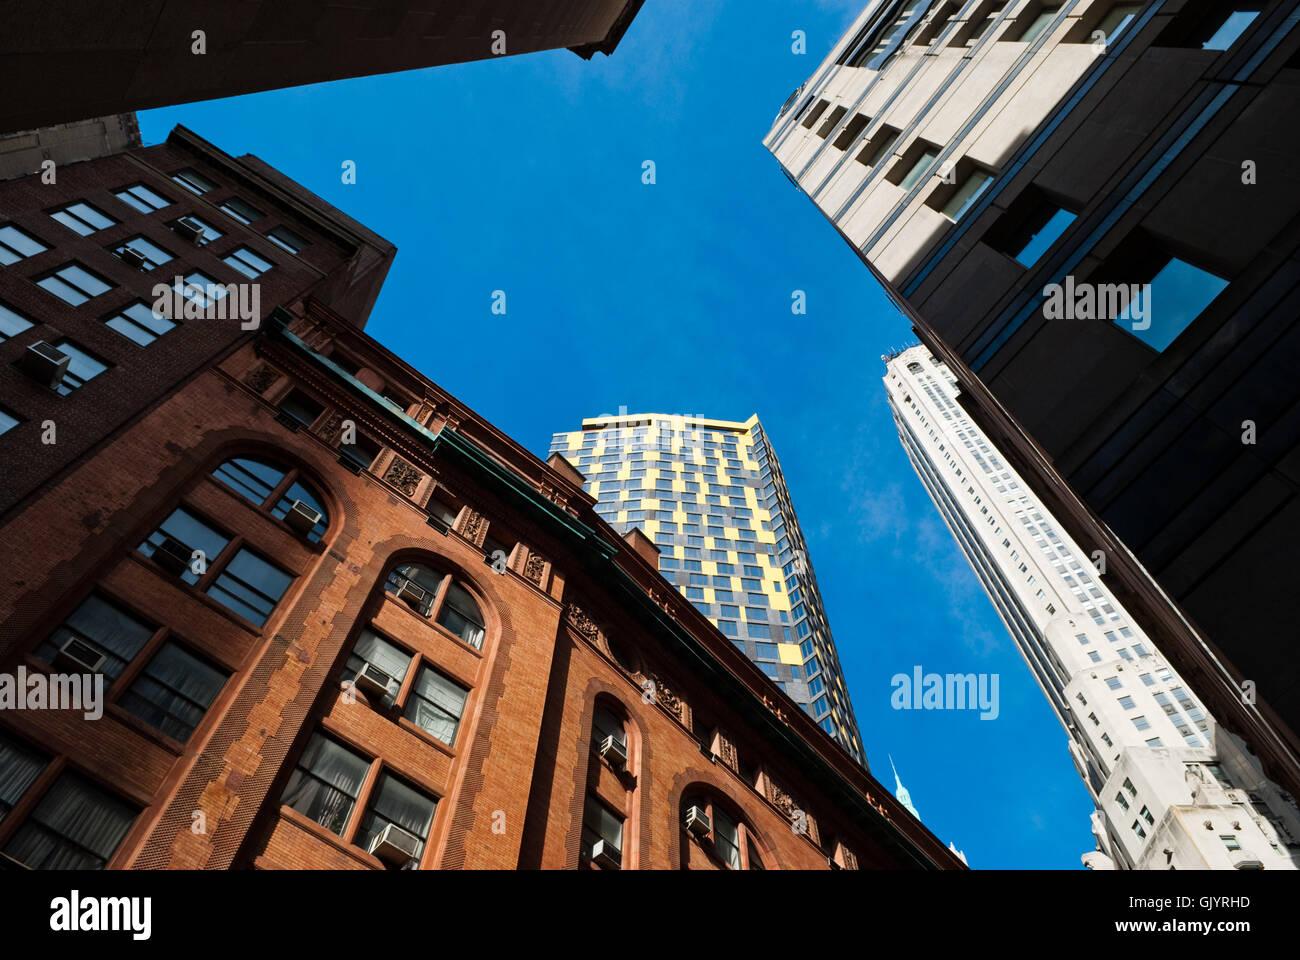 Stilgemisch Stock Photos & Stilgemisch Stock Images - Alamy